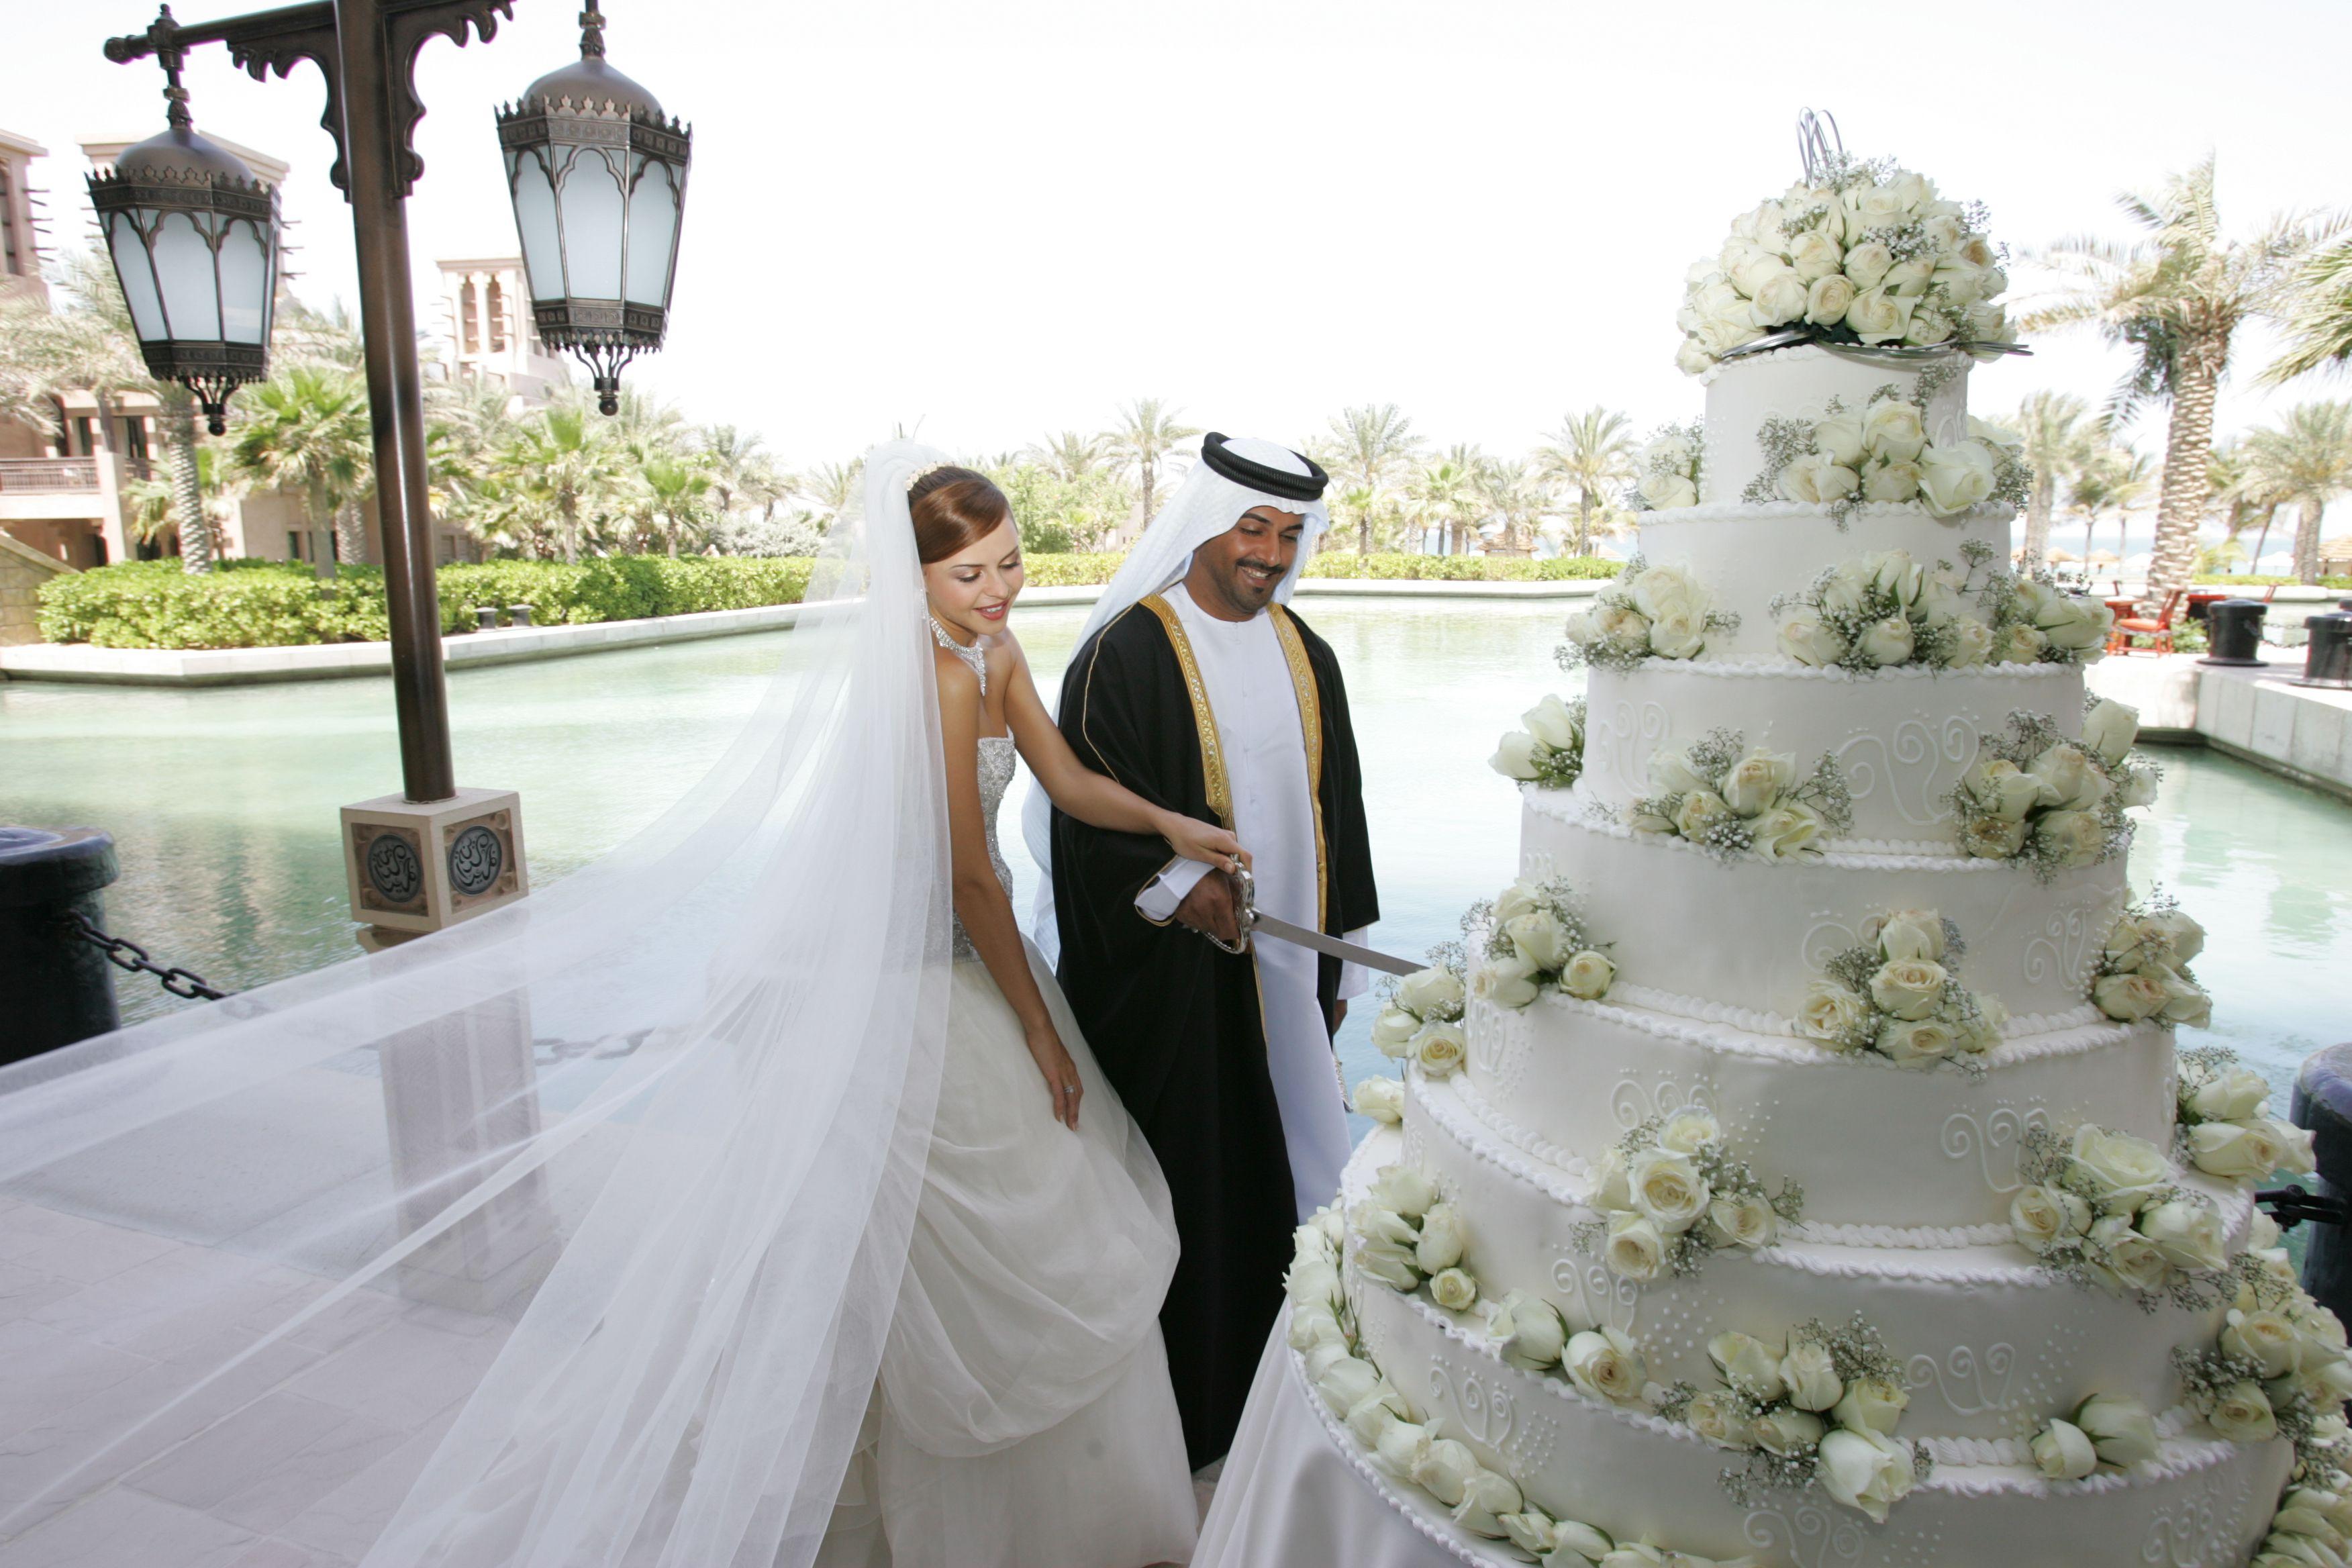 The Cake Is Way Too Big Arab Wedding Arabian Wedding Islamic Wedding